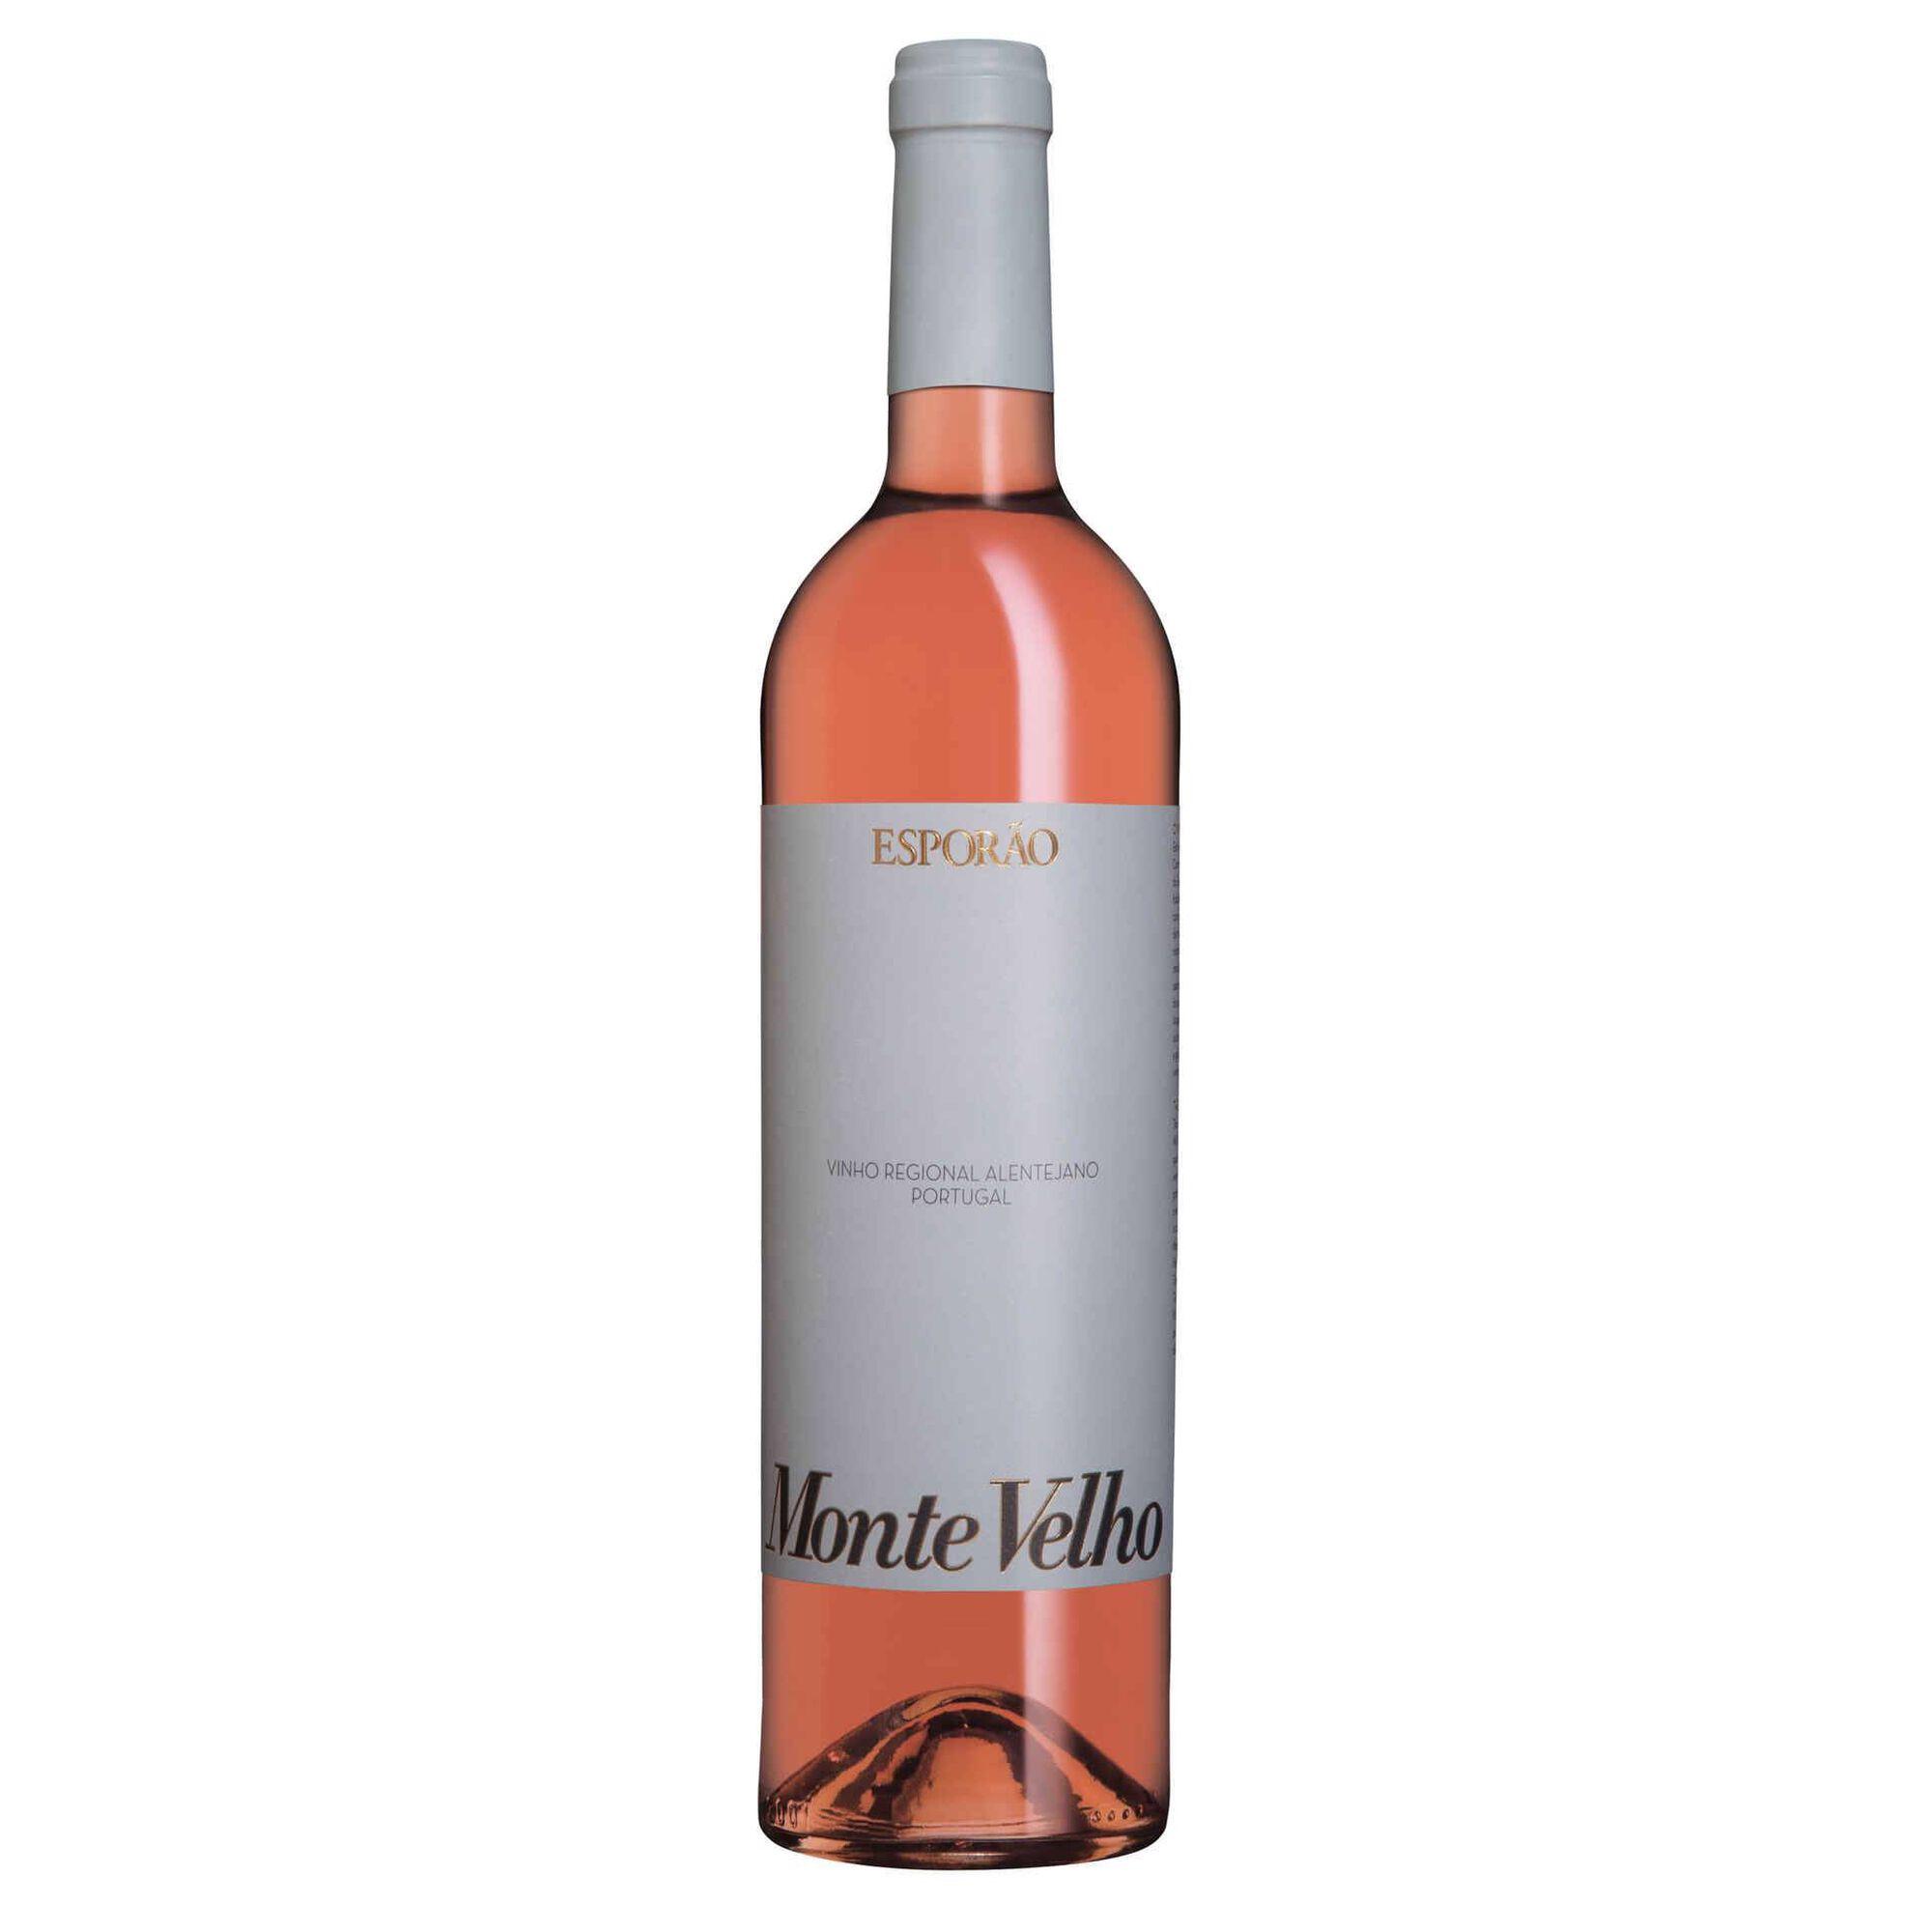 Esporão Monte Velho Regional Alentejo Vinho Rosé